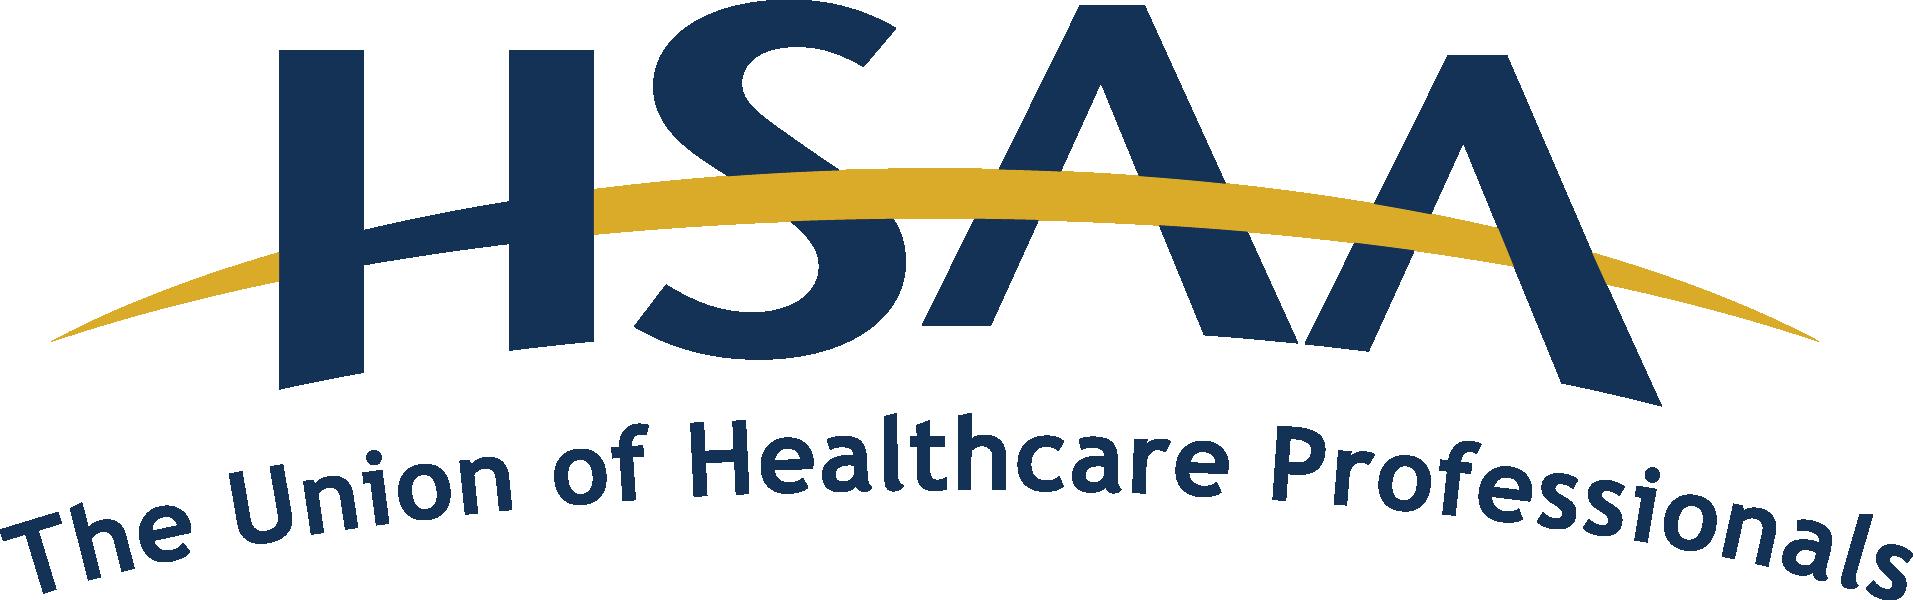 HSAA Logo clr.png